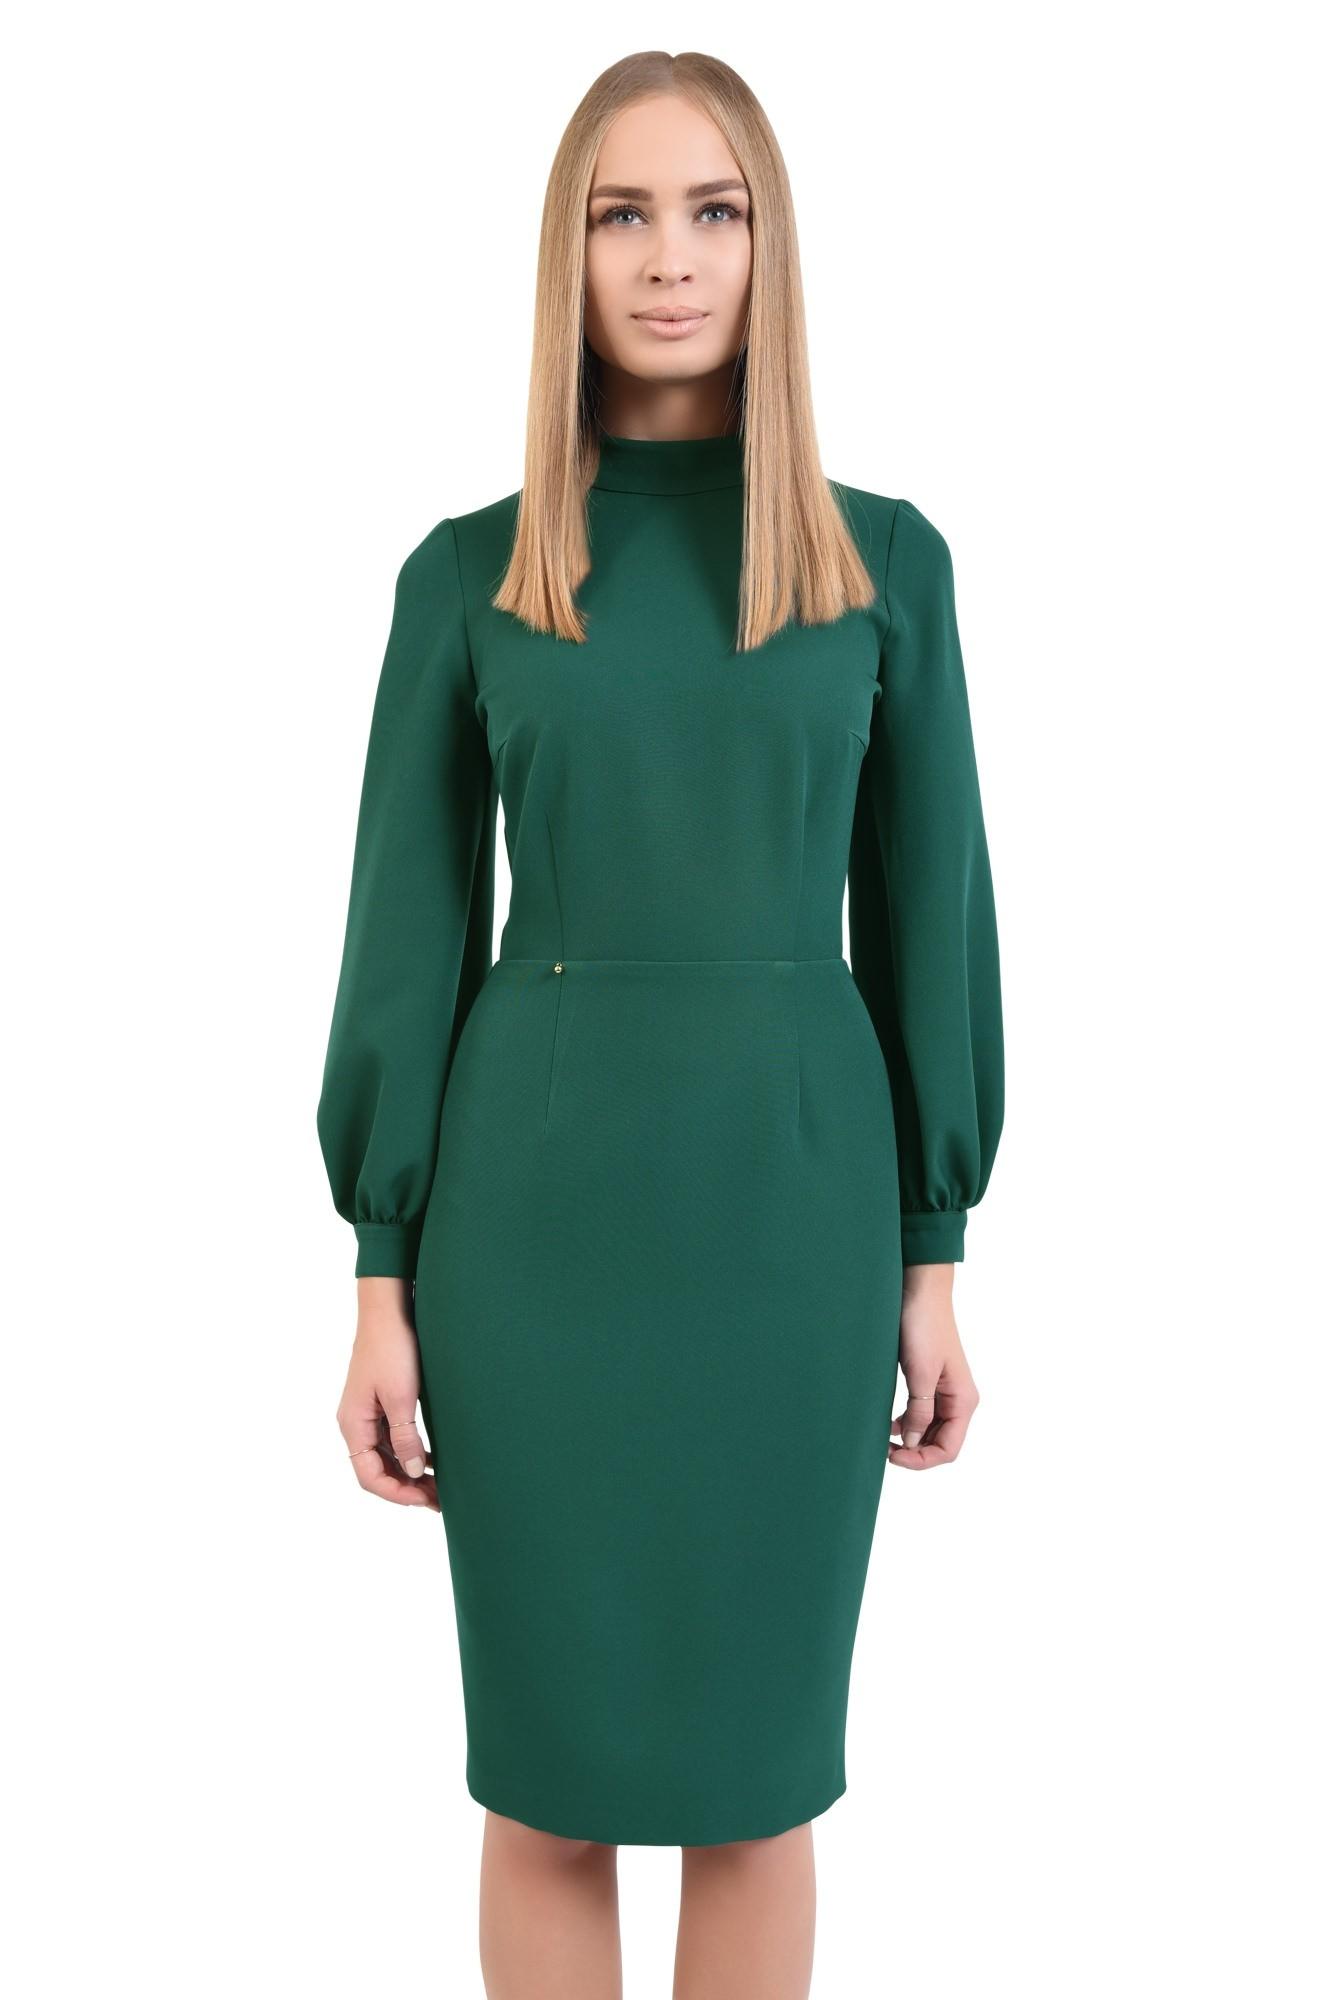 rochie verde, de zi, croi conic, cusatura in talie, guler inalt